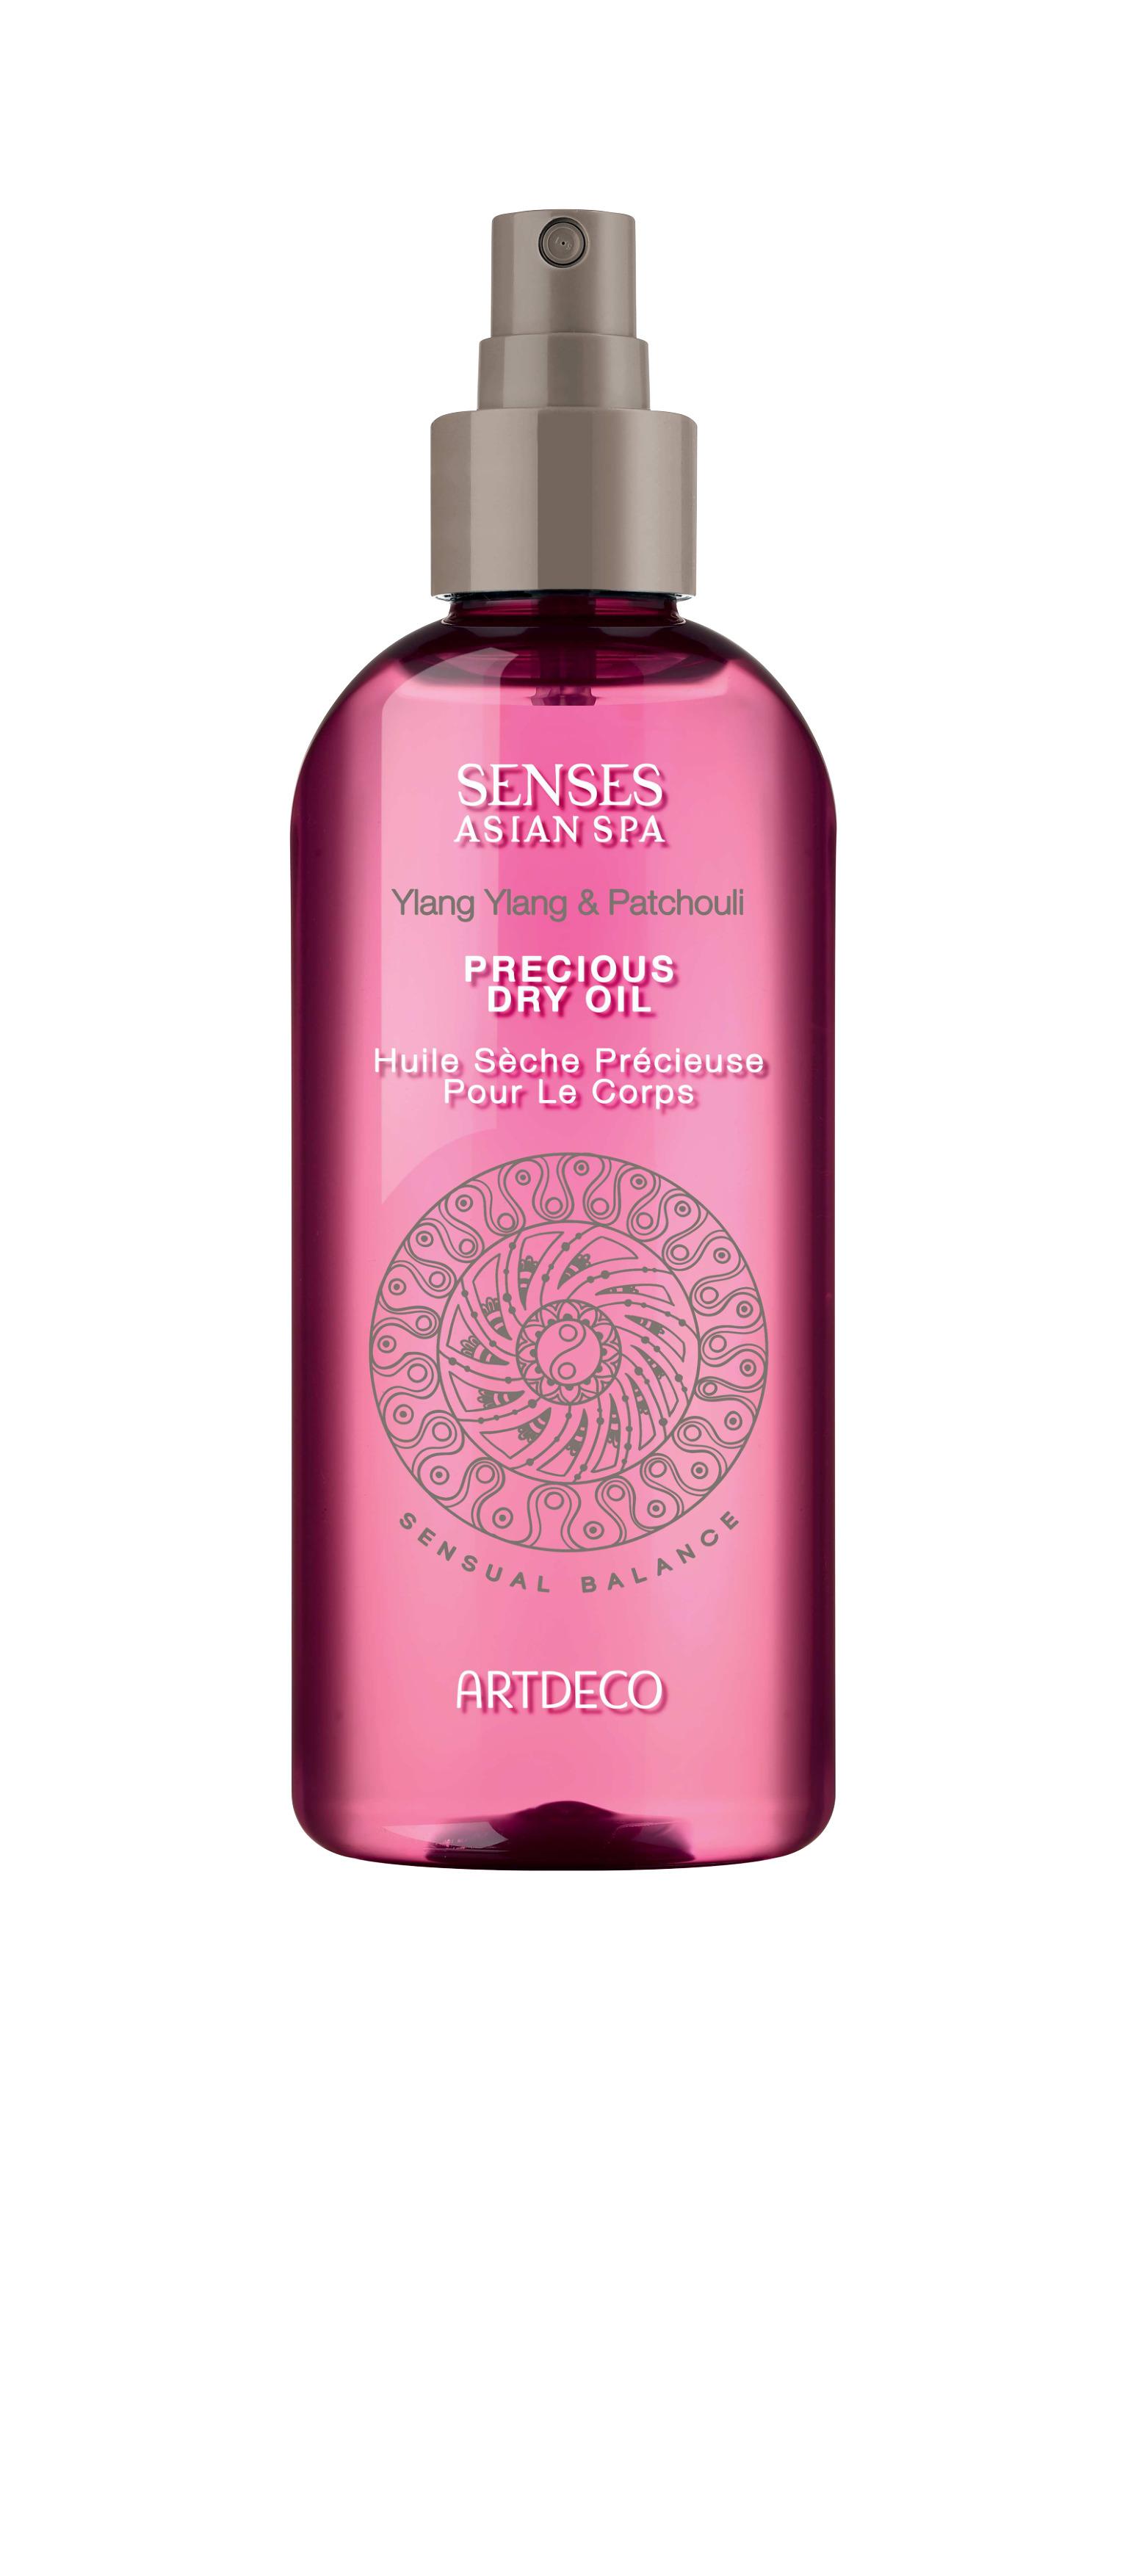 Artdeco масло для тела Precious dry body oil, sensual balance, 150 мл65304Глубоко увлажняет и питает кожу Расслабляет и приводит в тонус Можно использовать для массажа